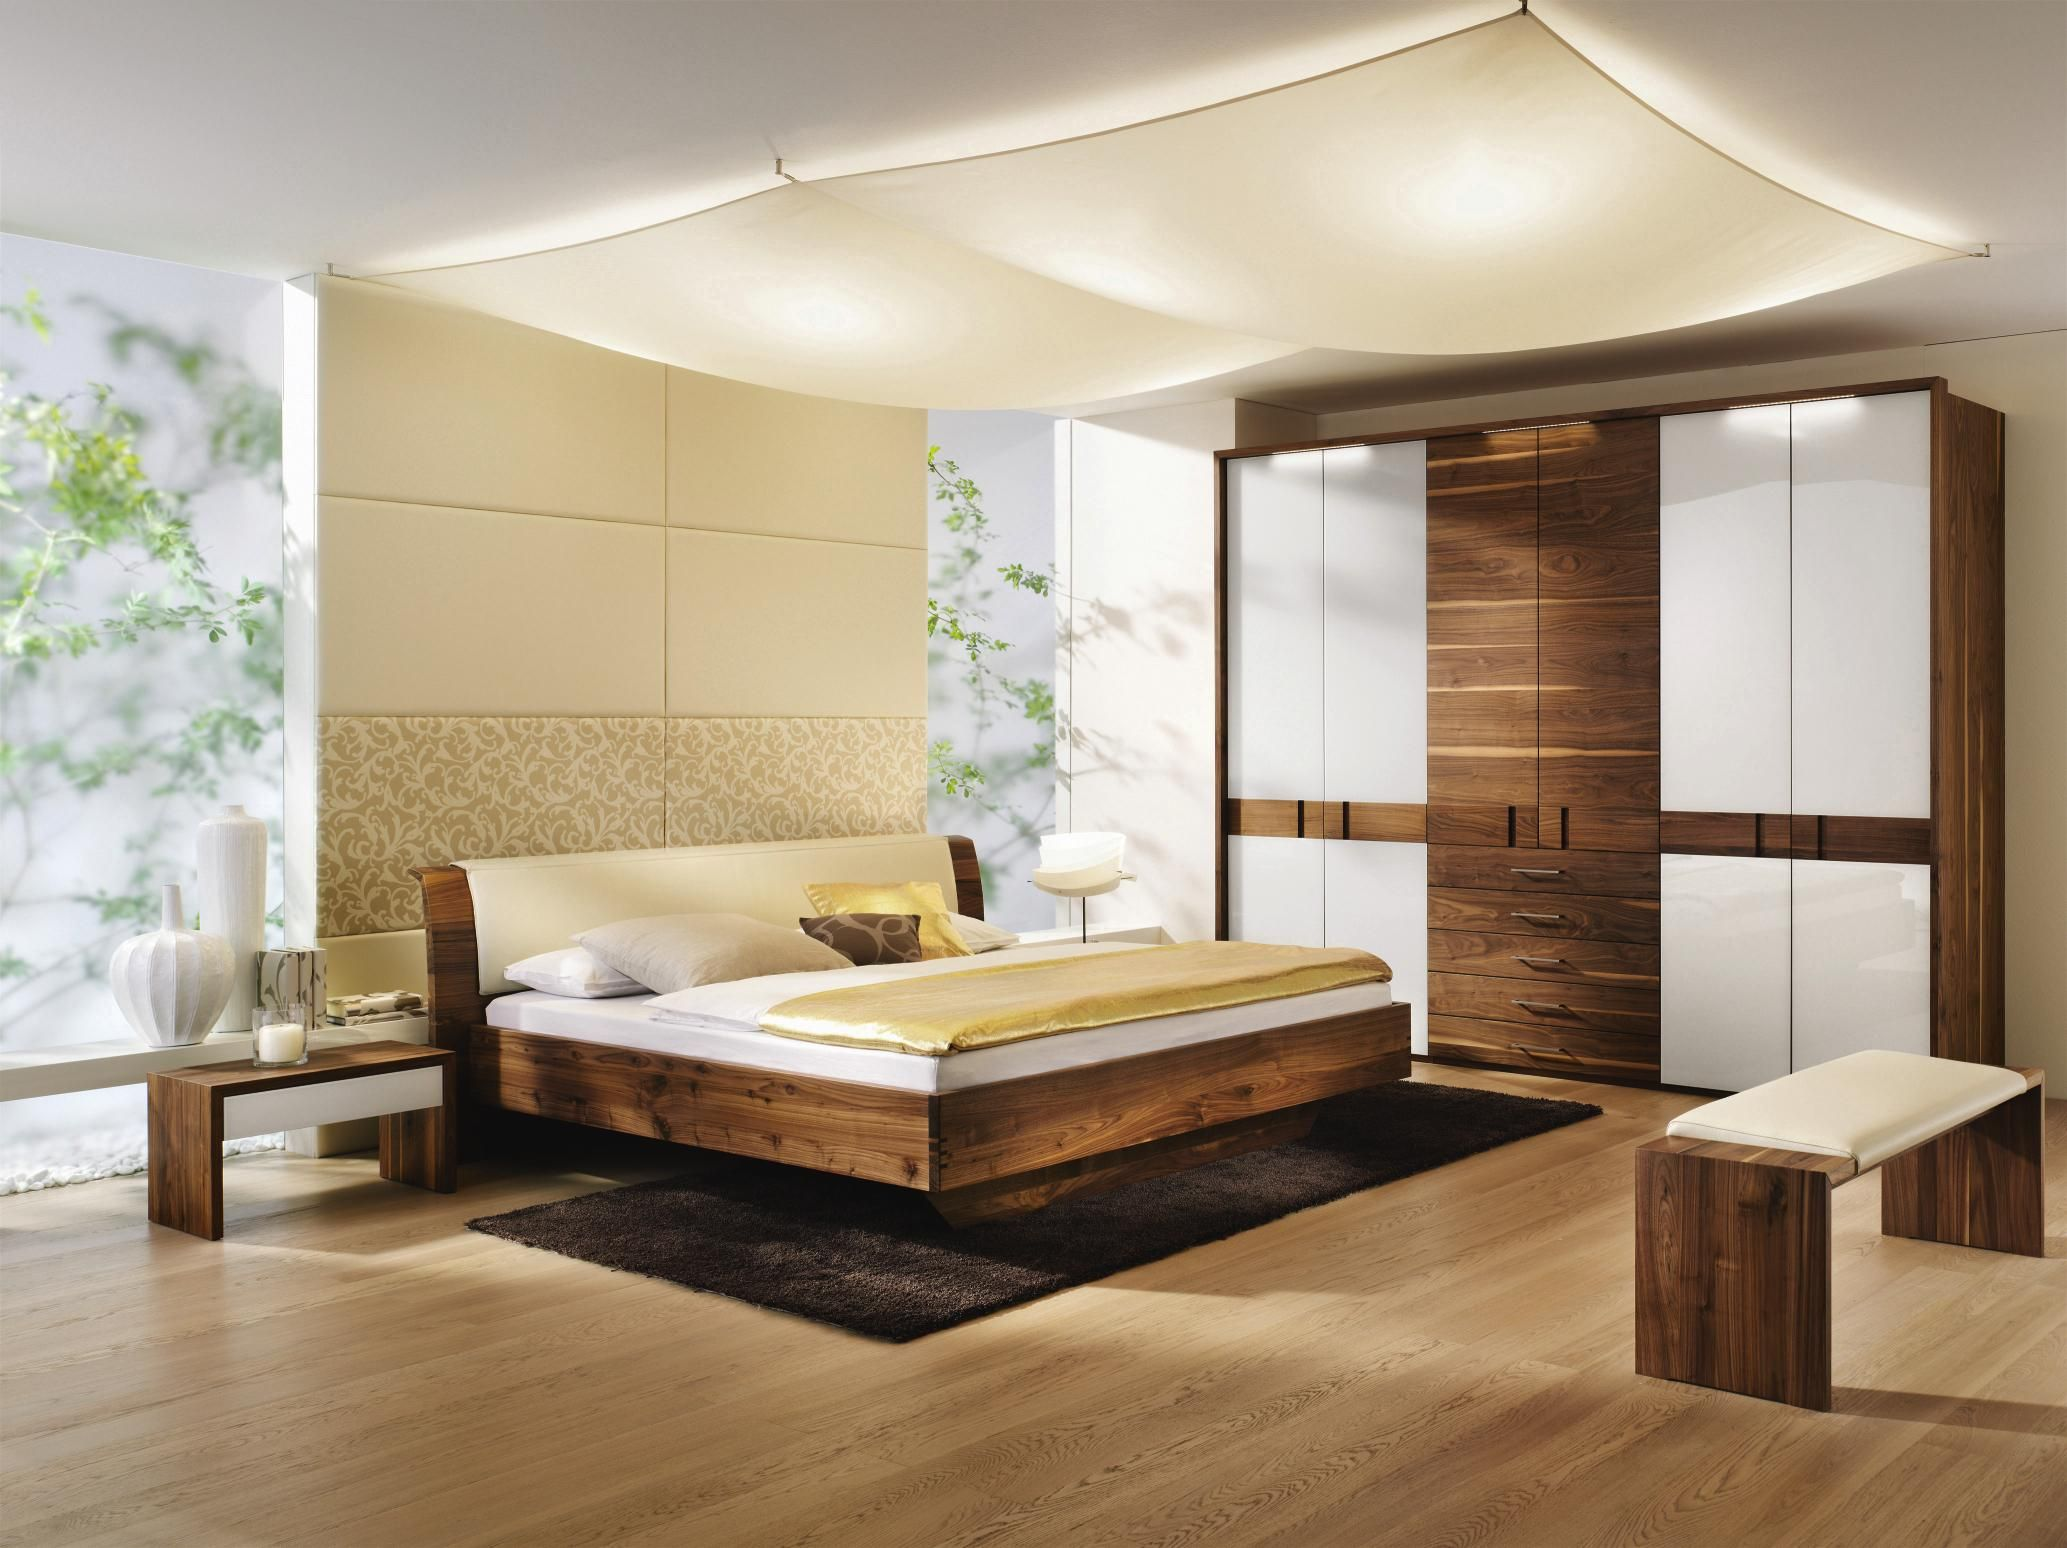 modernes schlafzimmer von anrei hochwertig und elegant schlafzimmer pinterest moderne. Black Bedroom Furniture Sets. Home Design Ideas